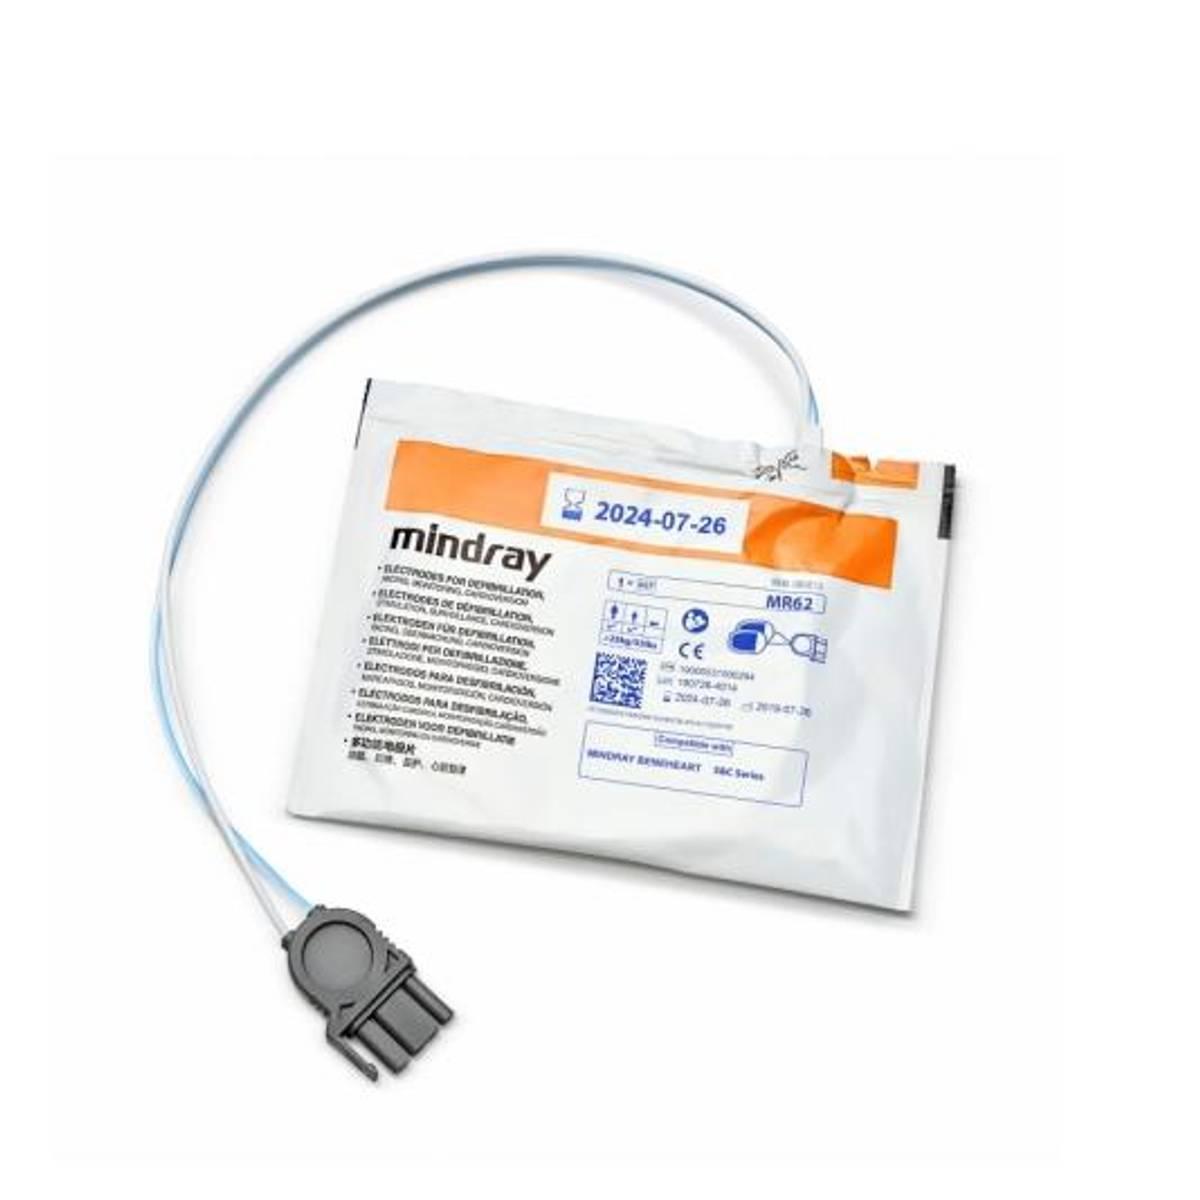 Mindray Beneheart C1/C2 Elektrodesett voksen/barn